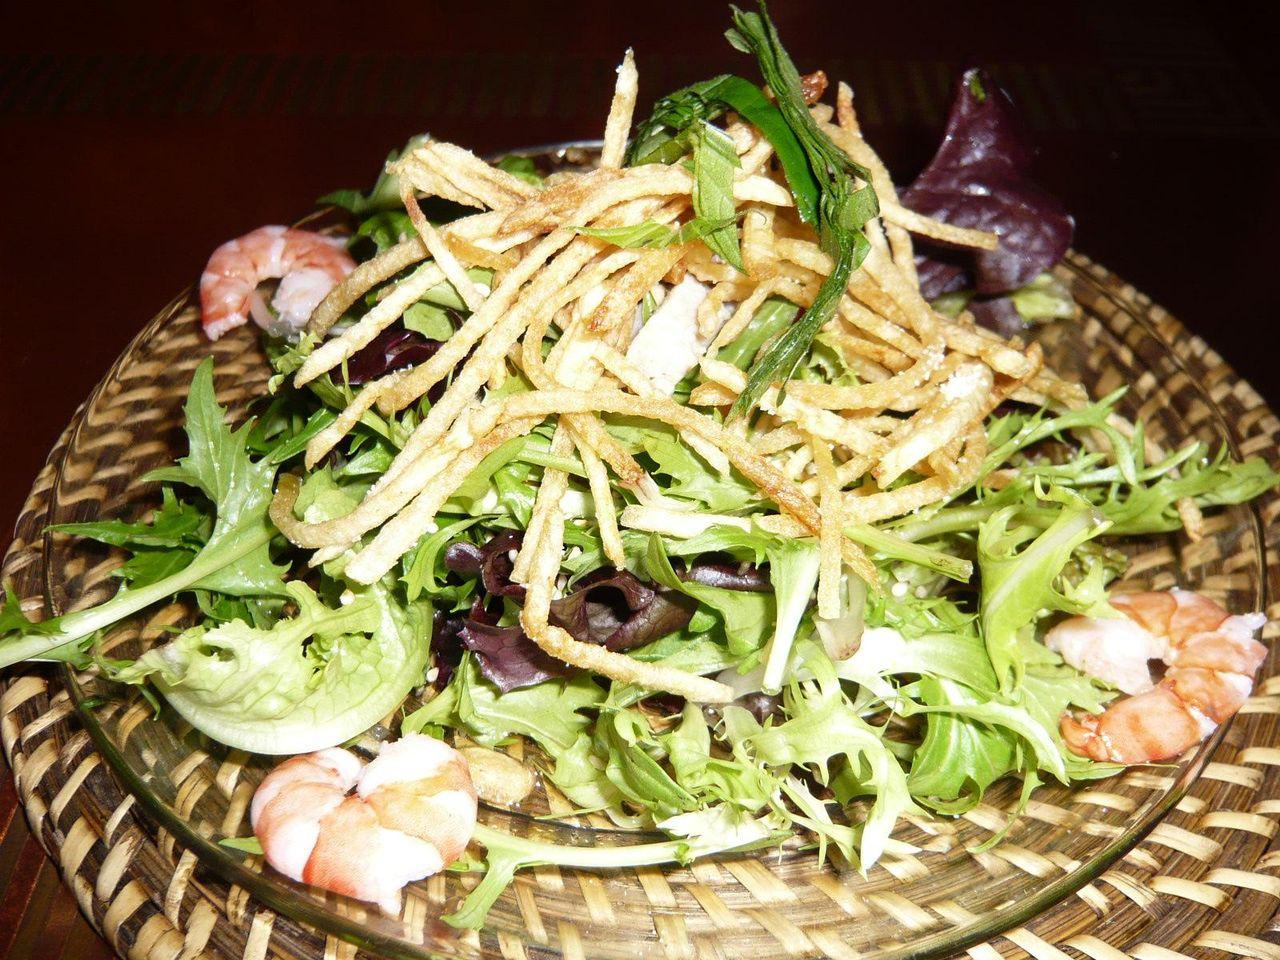 カリカリに揚げた極細ポテトが香ばしい、ベトナムサラダ